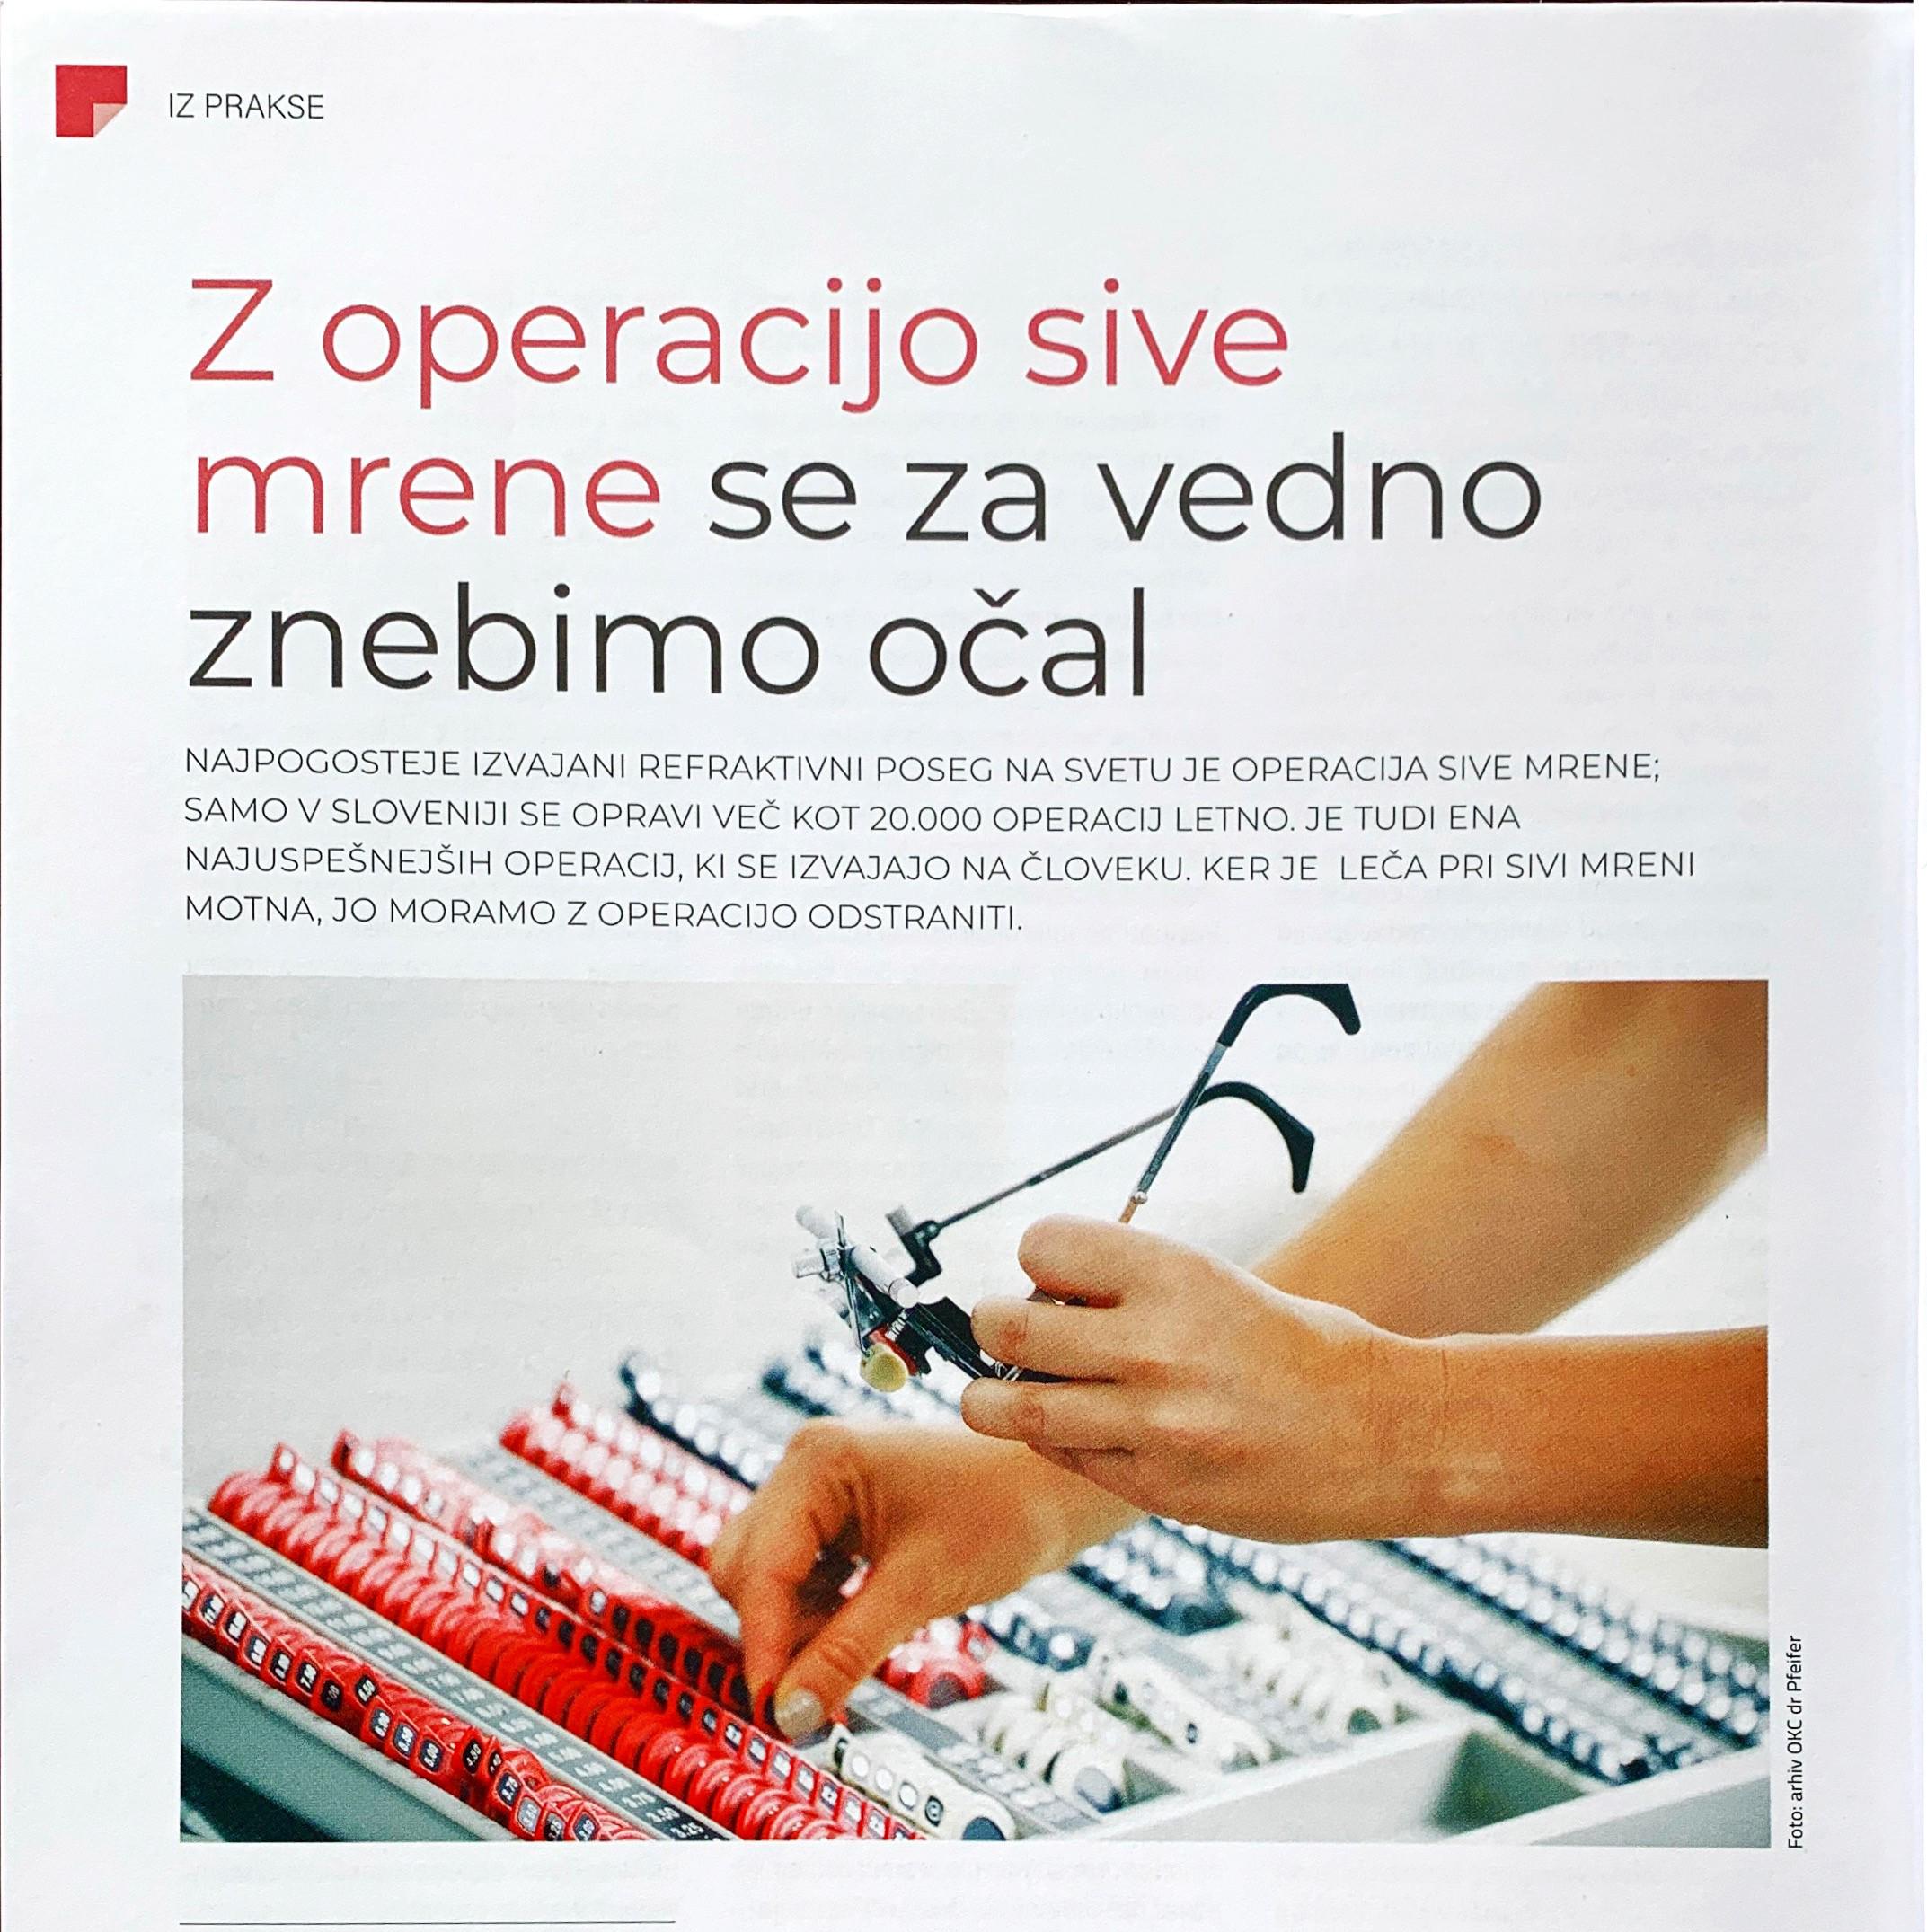 Revija Nova medicina - Z operacijo sive mrene se za vedno znebimo očal - maj 2020